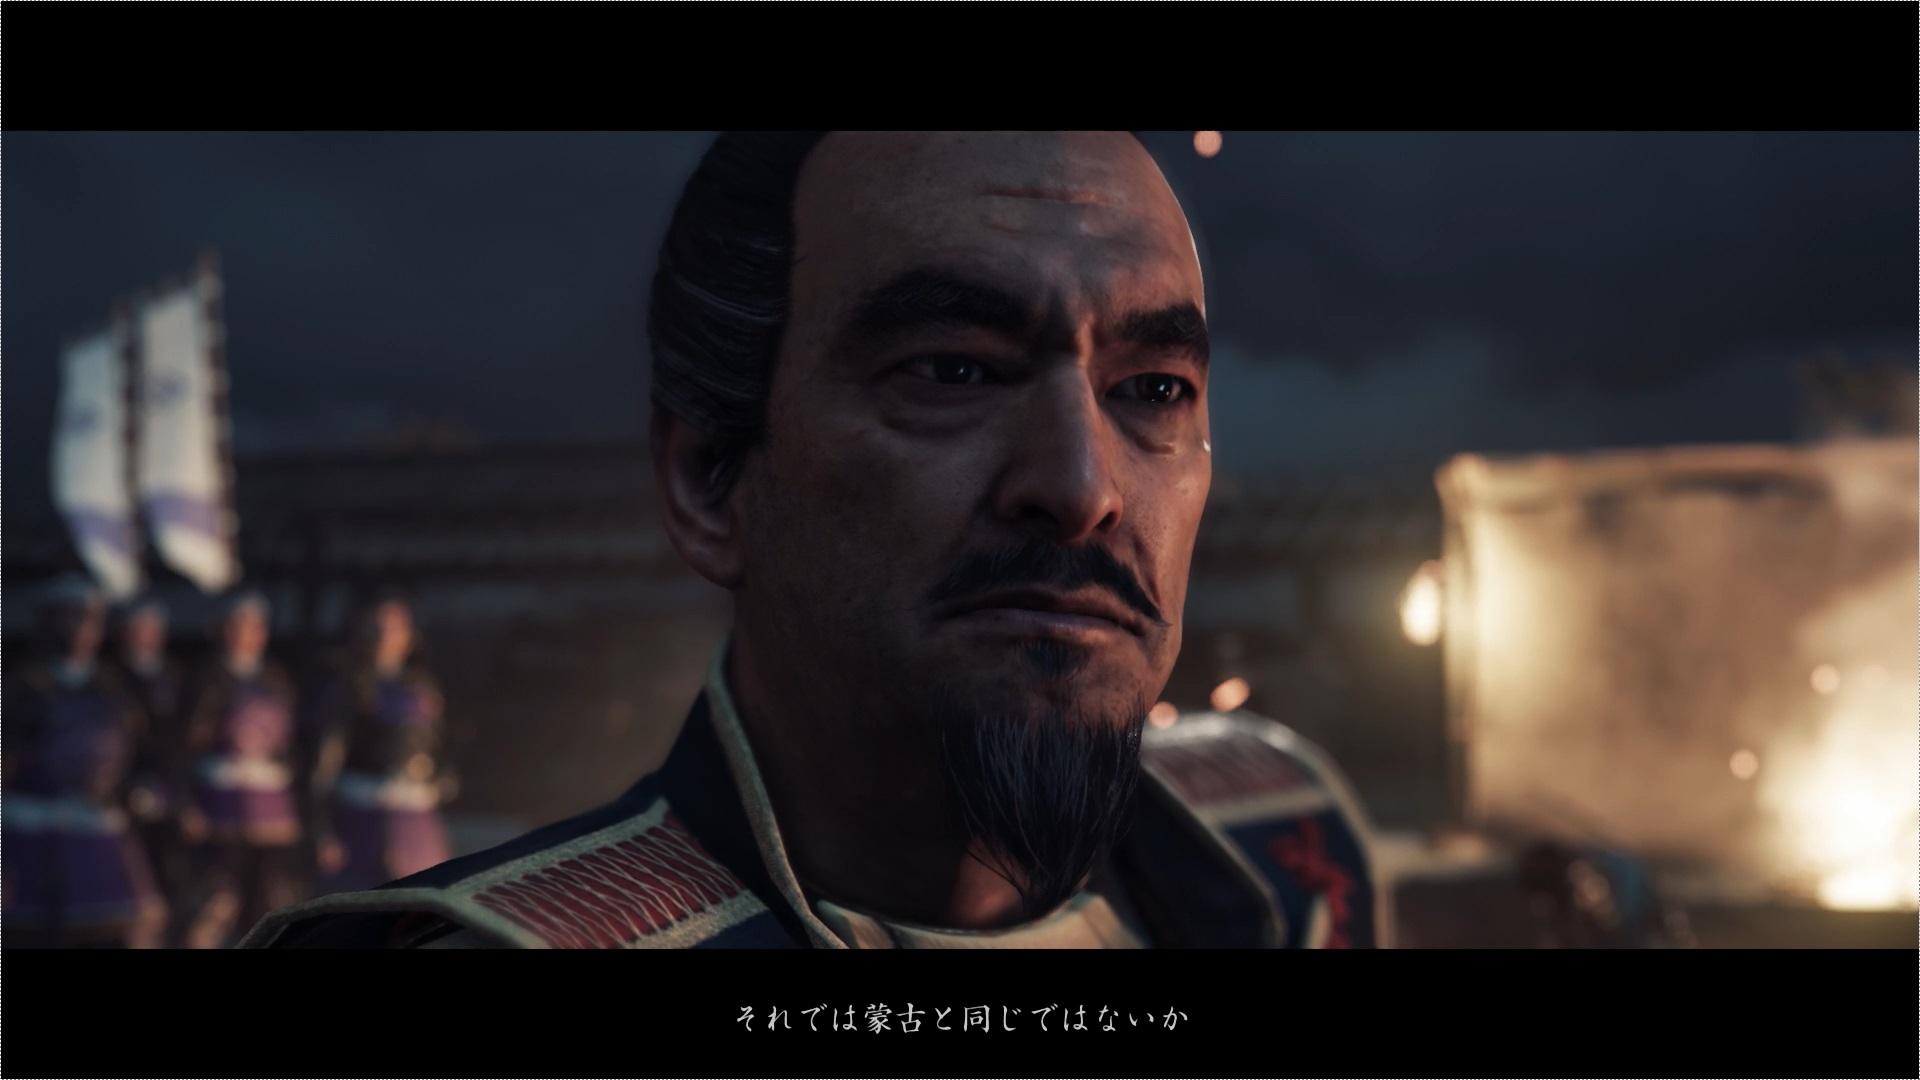 忍び込み、毒を盛る戦に納得がいかない志村殿。蒙古と同じではないかと仁を説教します。